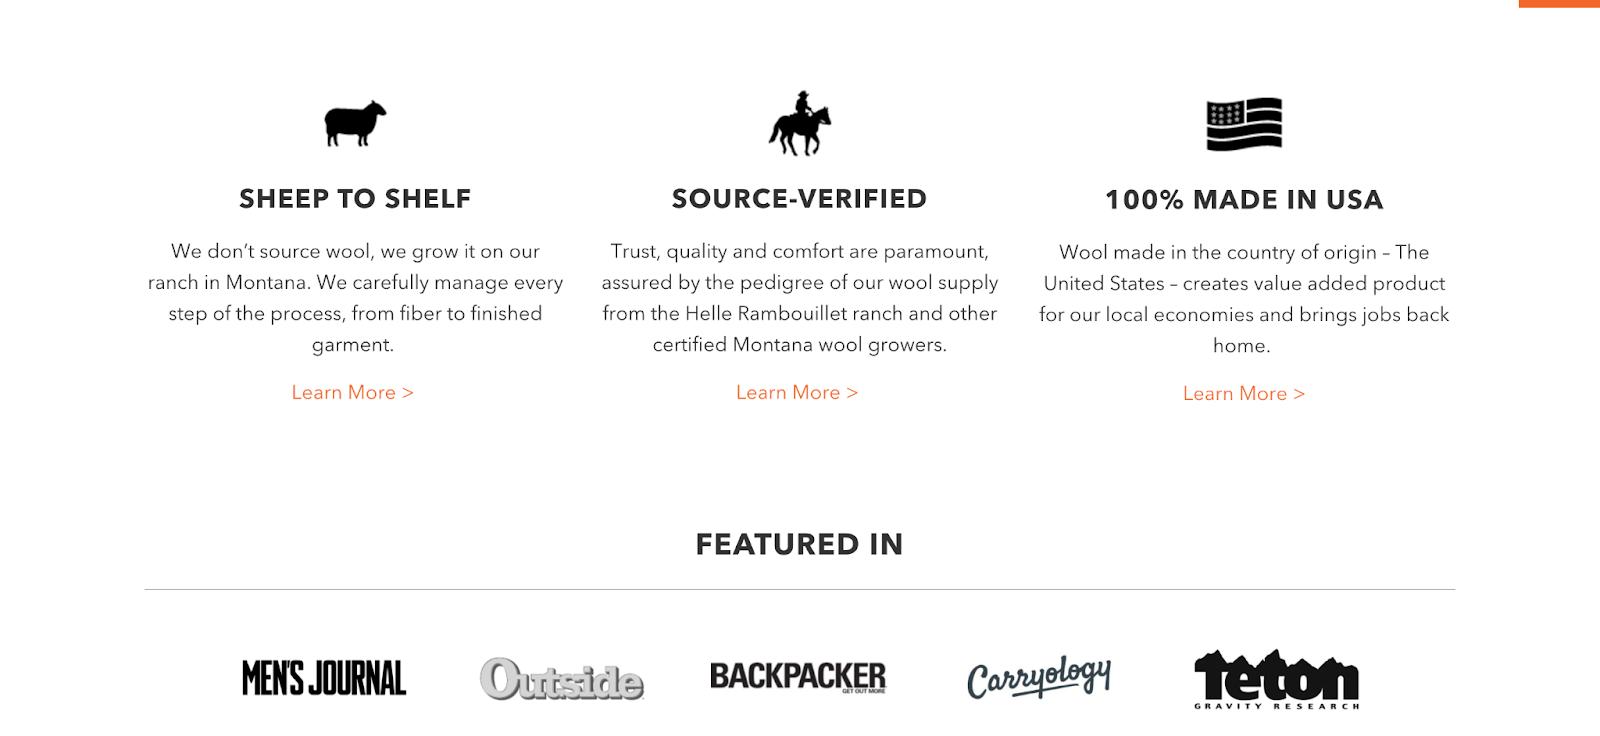 Best outdoor website designs: Duckworth